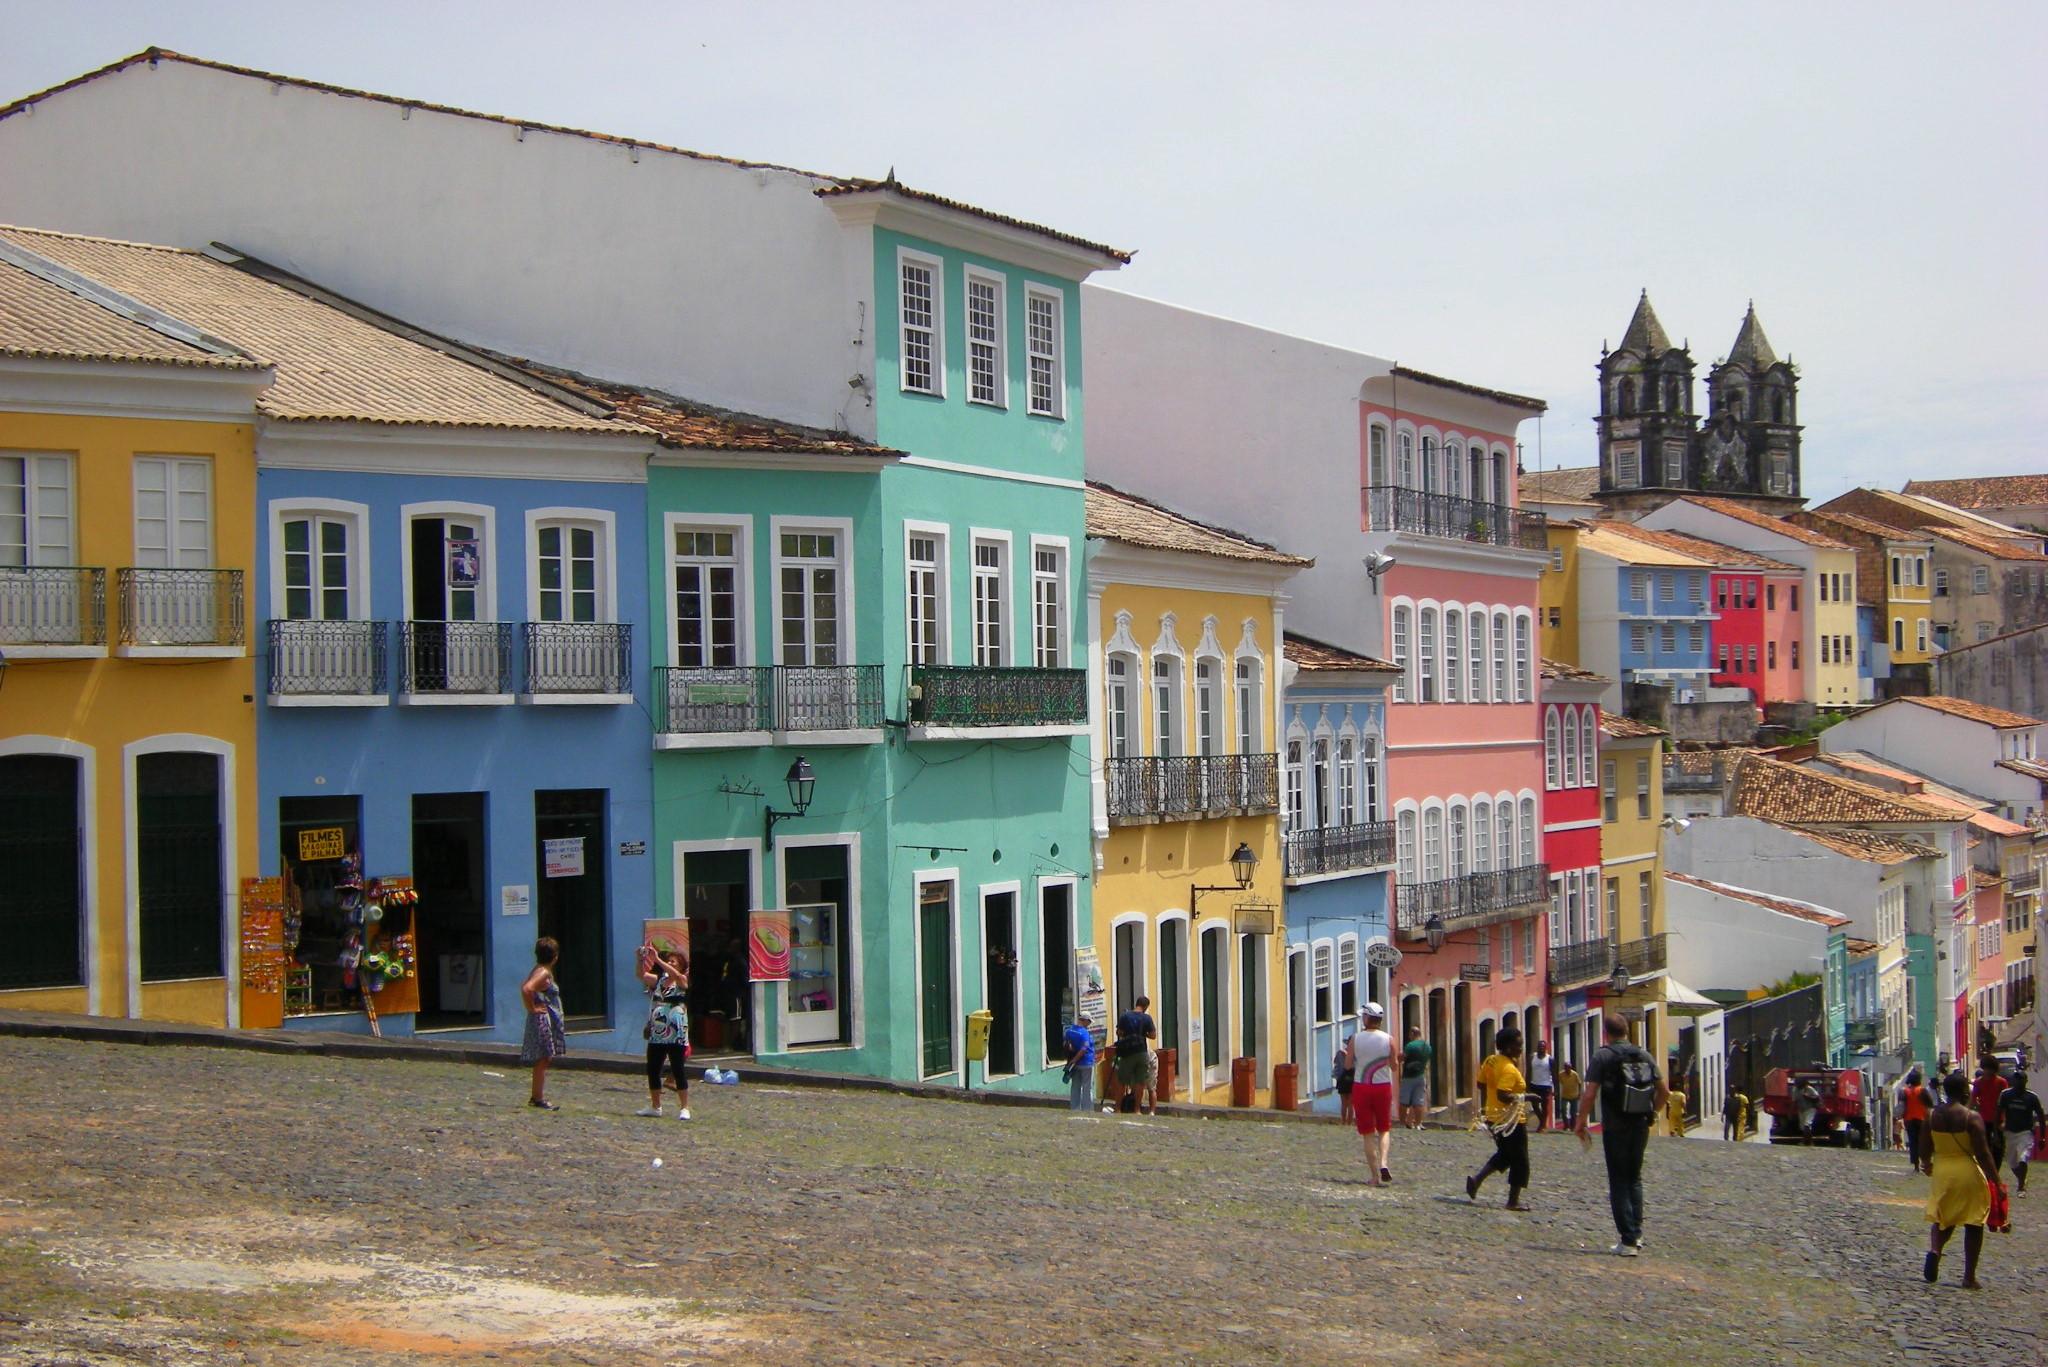 Στη Λατινική Αμερική ξέρουν να βάζουν χρώμα στη ζωή τους! Θαυμάστε τα πιο πολύχρωμα σπίτια του κόσμου! (photo)